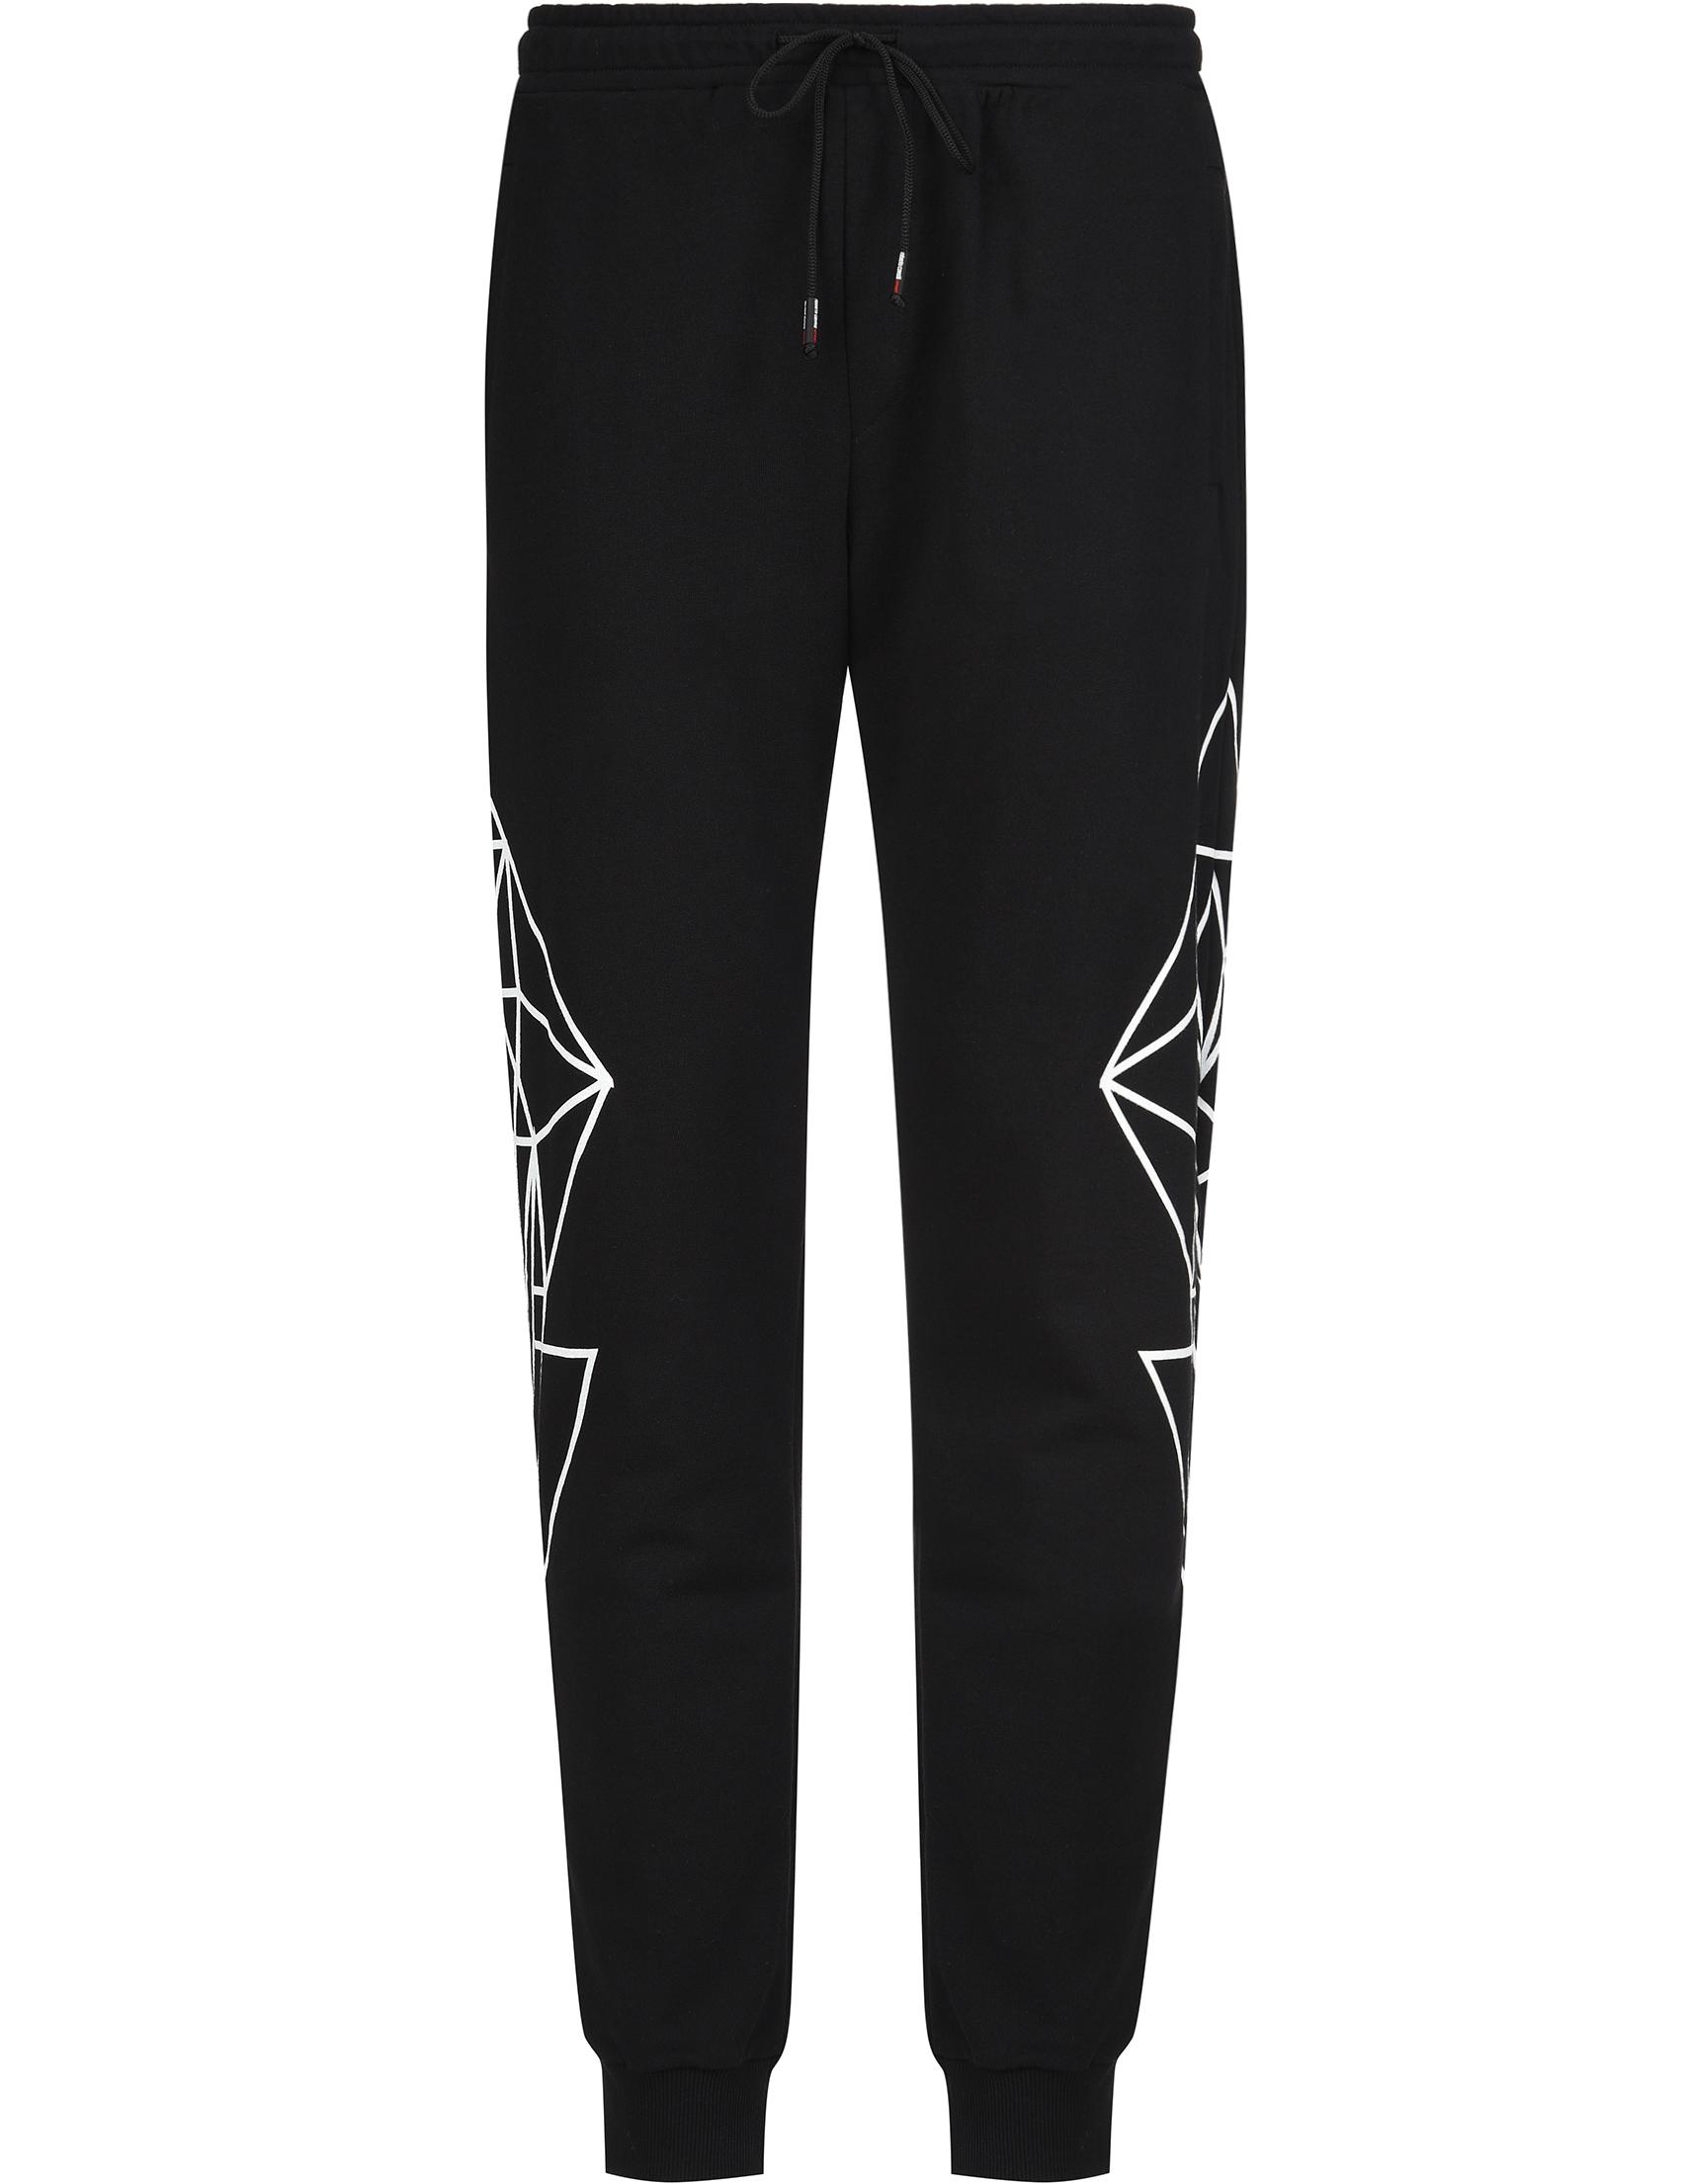 Купить Спортивные брюки, ROBERTO CAVALLI, Черный, 100%Хлопок, Весна-Лето